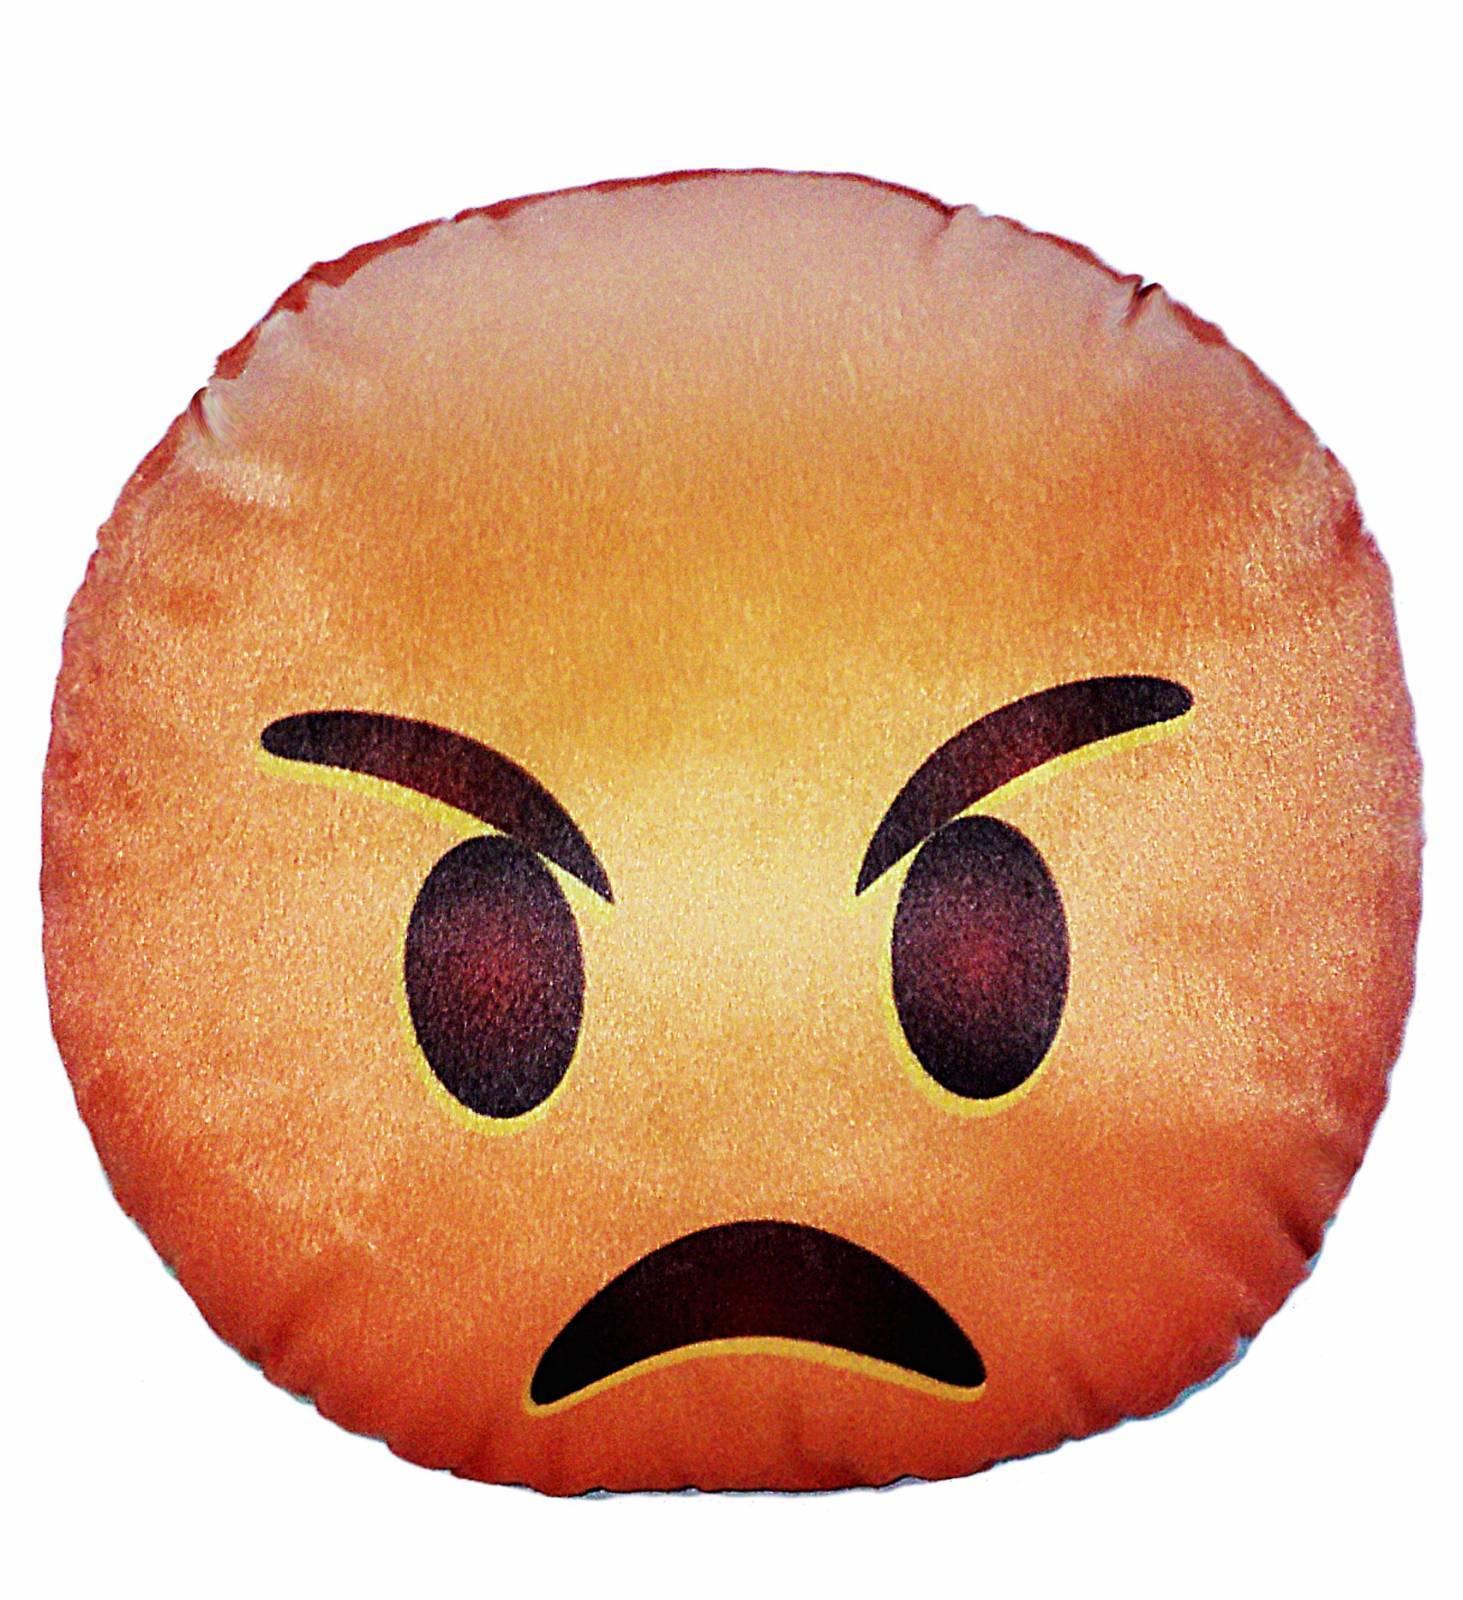 EMOTIONS / EMOJI - 20cm diâmetro -  (minimo 100 pçs) - kmix estamparia